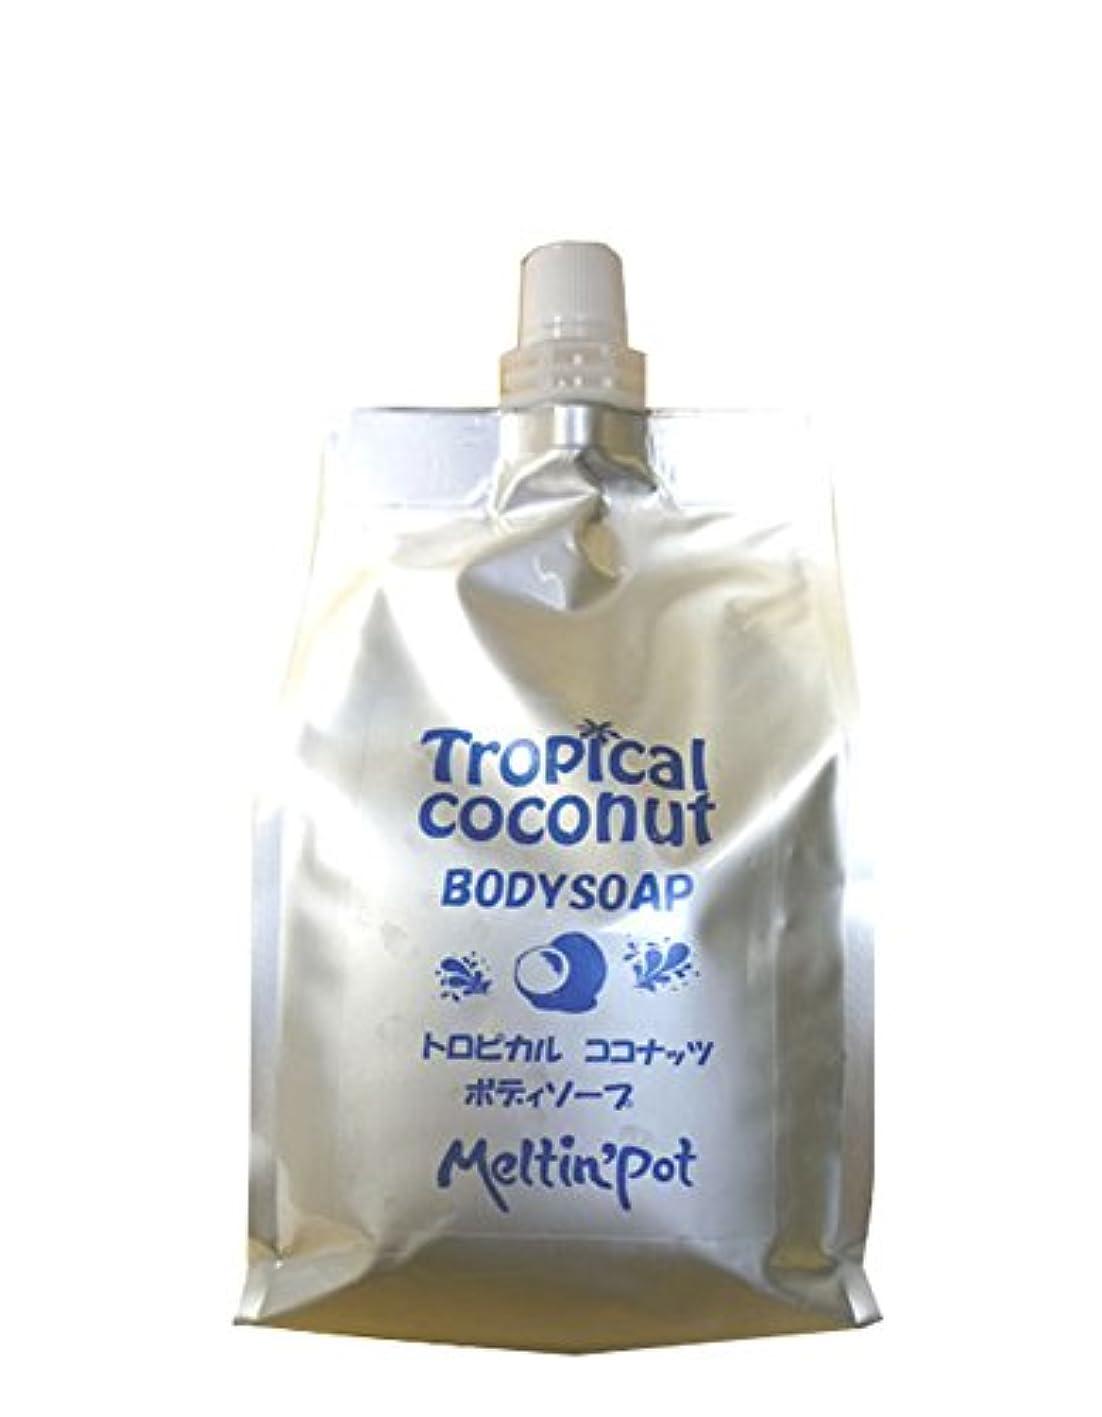 宴会序文再発するトロピカルココナッツ ボディソープ 1000ml 詰め替え Tropical coconut Body Soap 加齢臭に! [MeltinPot]